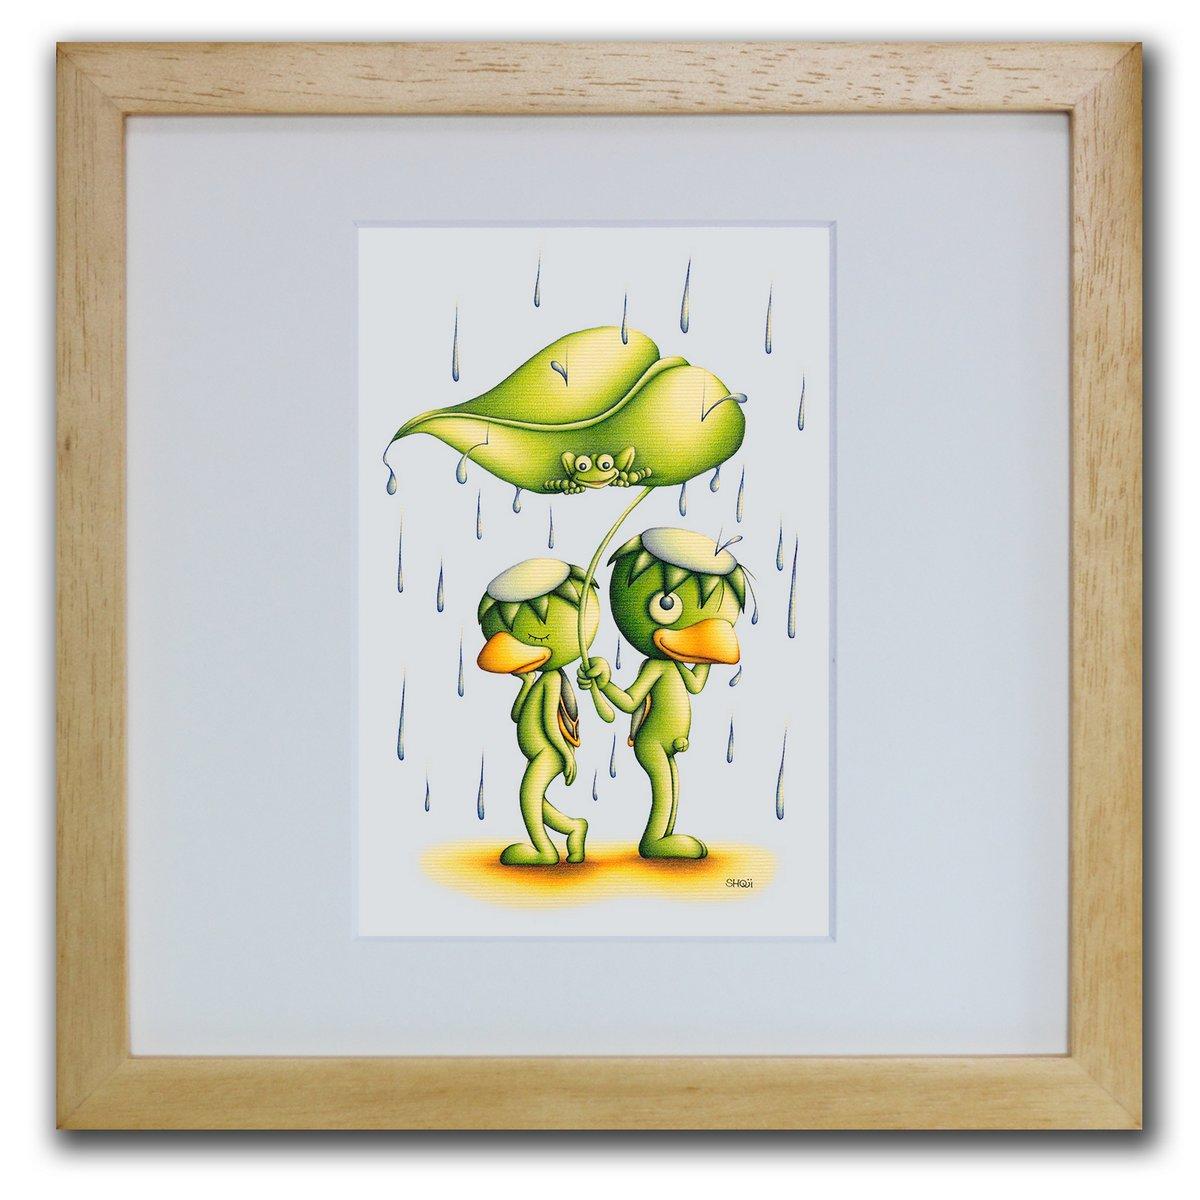 壁掛けアートは リビングや玄関におすすめのインテリア 絵画といえばルノワール ゴッホのひまわりといった名画が有名 かわいい壁飾りはお部屋を癒やしてくれそう プレゼントにも 色鉛筆画 版画 ゆうパケット 幸福の雨 SHOji インテリア 壁掛け 額入り 額装込 アートフレーム リビング モダン 巣ごもり ポスター おしゃれ 玄関 油絵 新色 風景画 Sサイズ ☆送料無料☆ 当日発送可能 アートパネル 飾る プレゼント アート